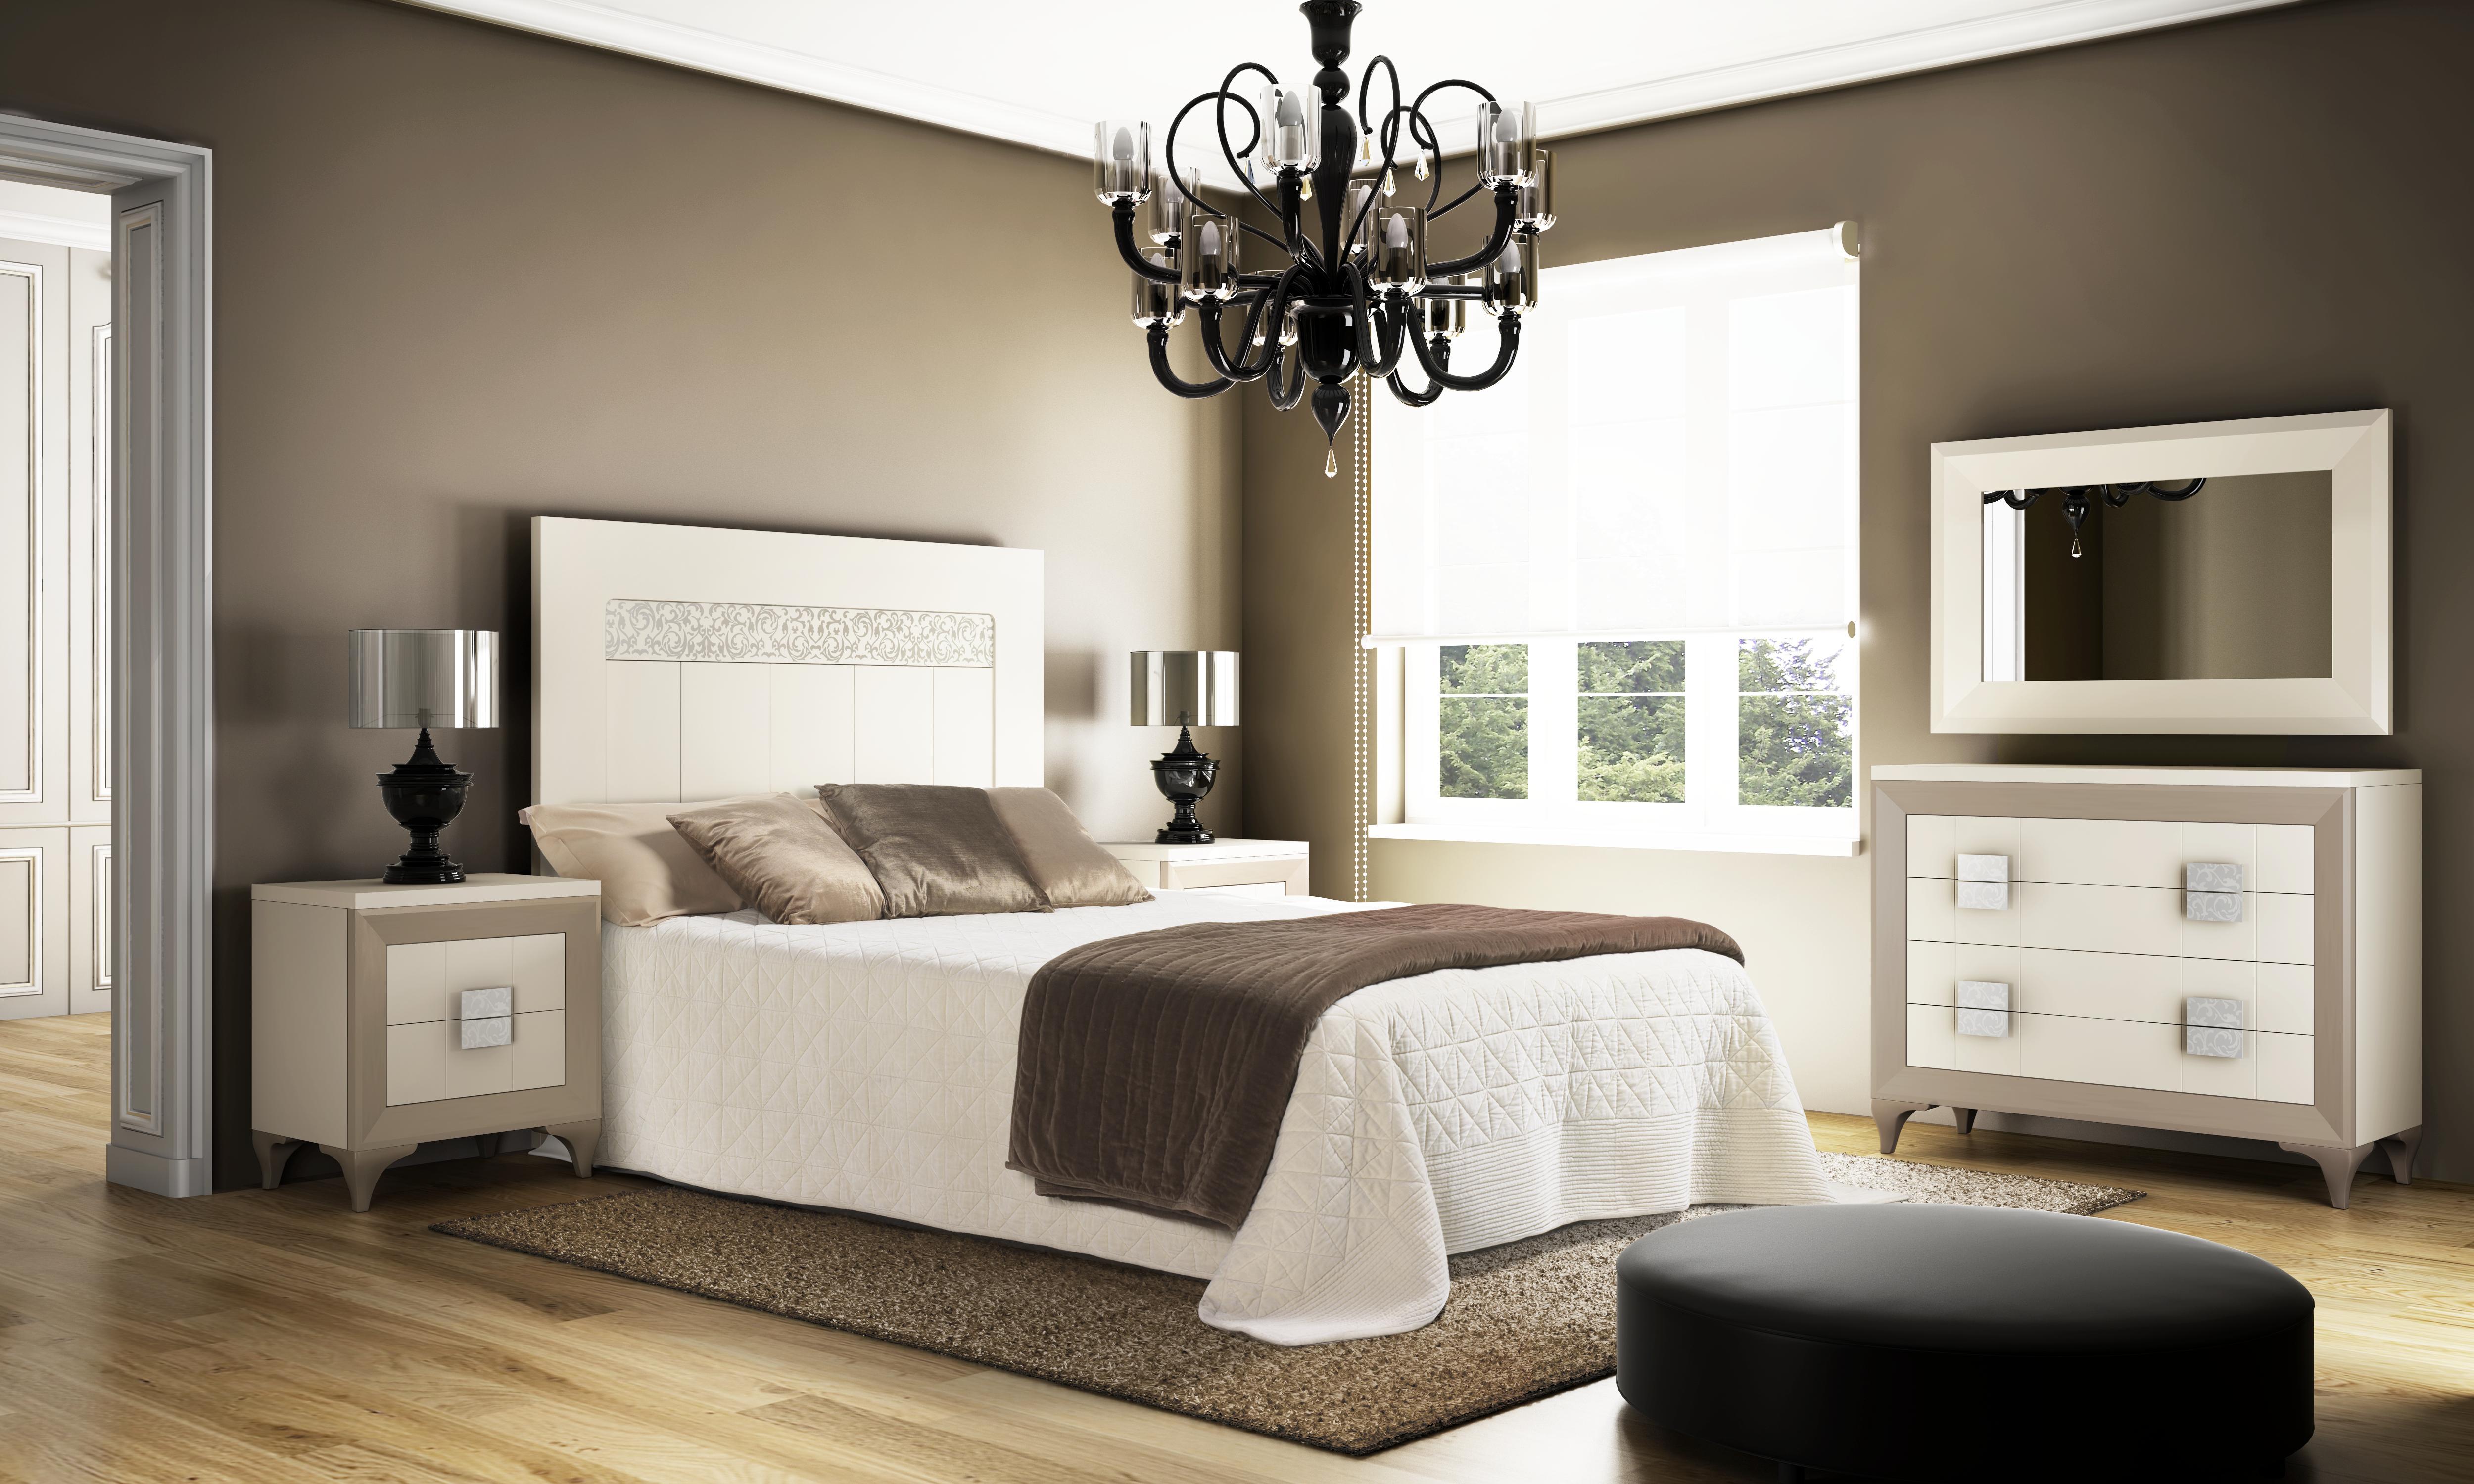 Muebles de dormitorio dormitorios de matrimonio muebles for Muebles de dormitorio